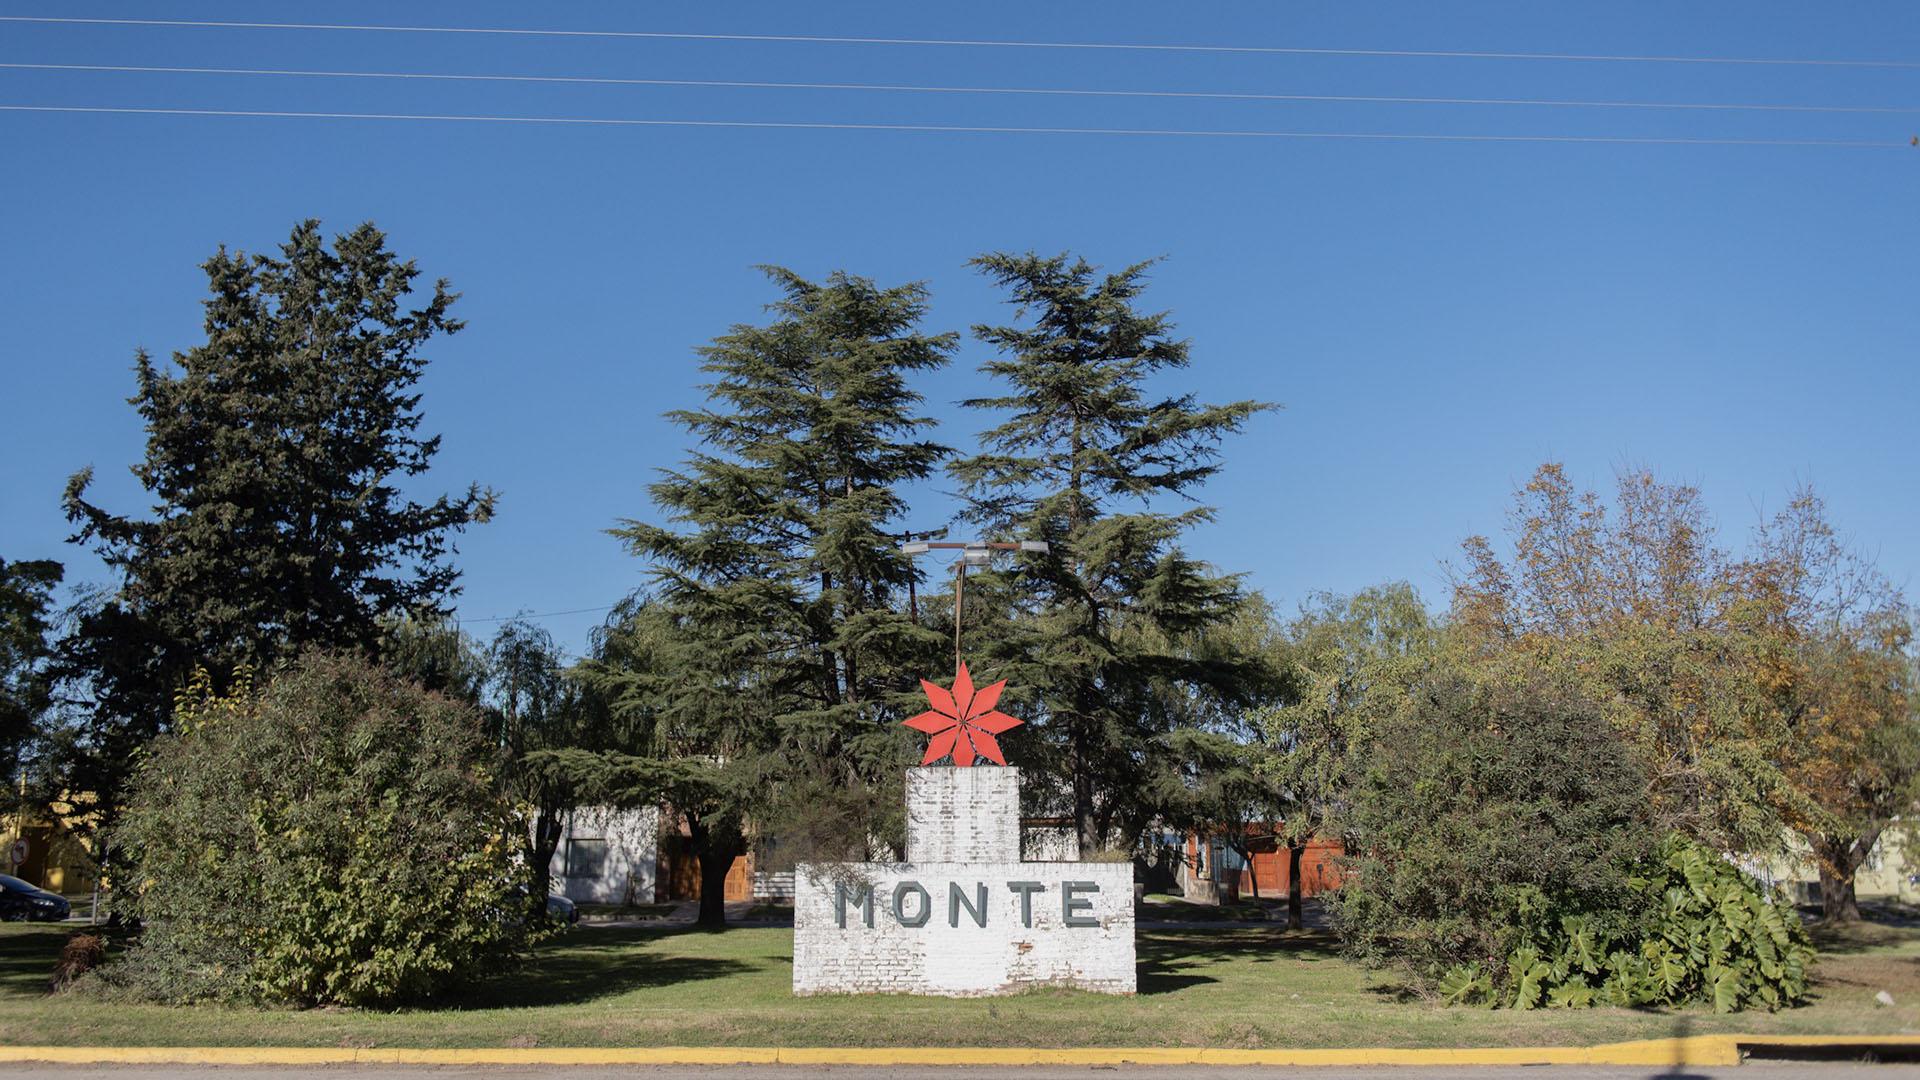 San Miguel del Monte es una ciudad de aproximadamente de 30 mil habitantes ubicada en el interior de la provincia de Buenos Aires, sobre la margen izquierda del río Salado del sur, a 107 kilómetros y una hora y media de viaje del área metropolitana. Es la ciudad cabecera del partido homónimo y se la suele llamar habitualmente Monte